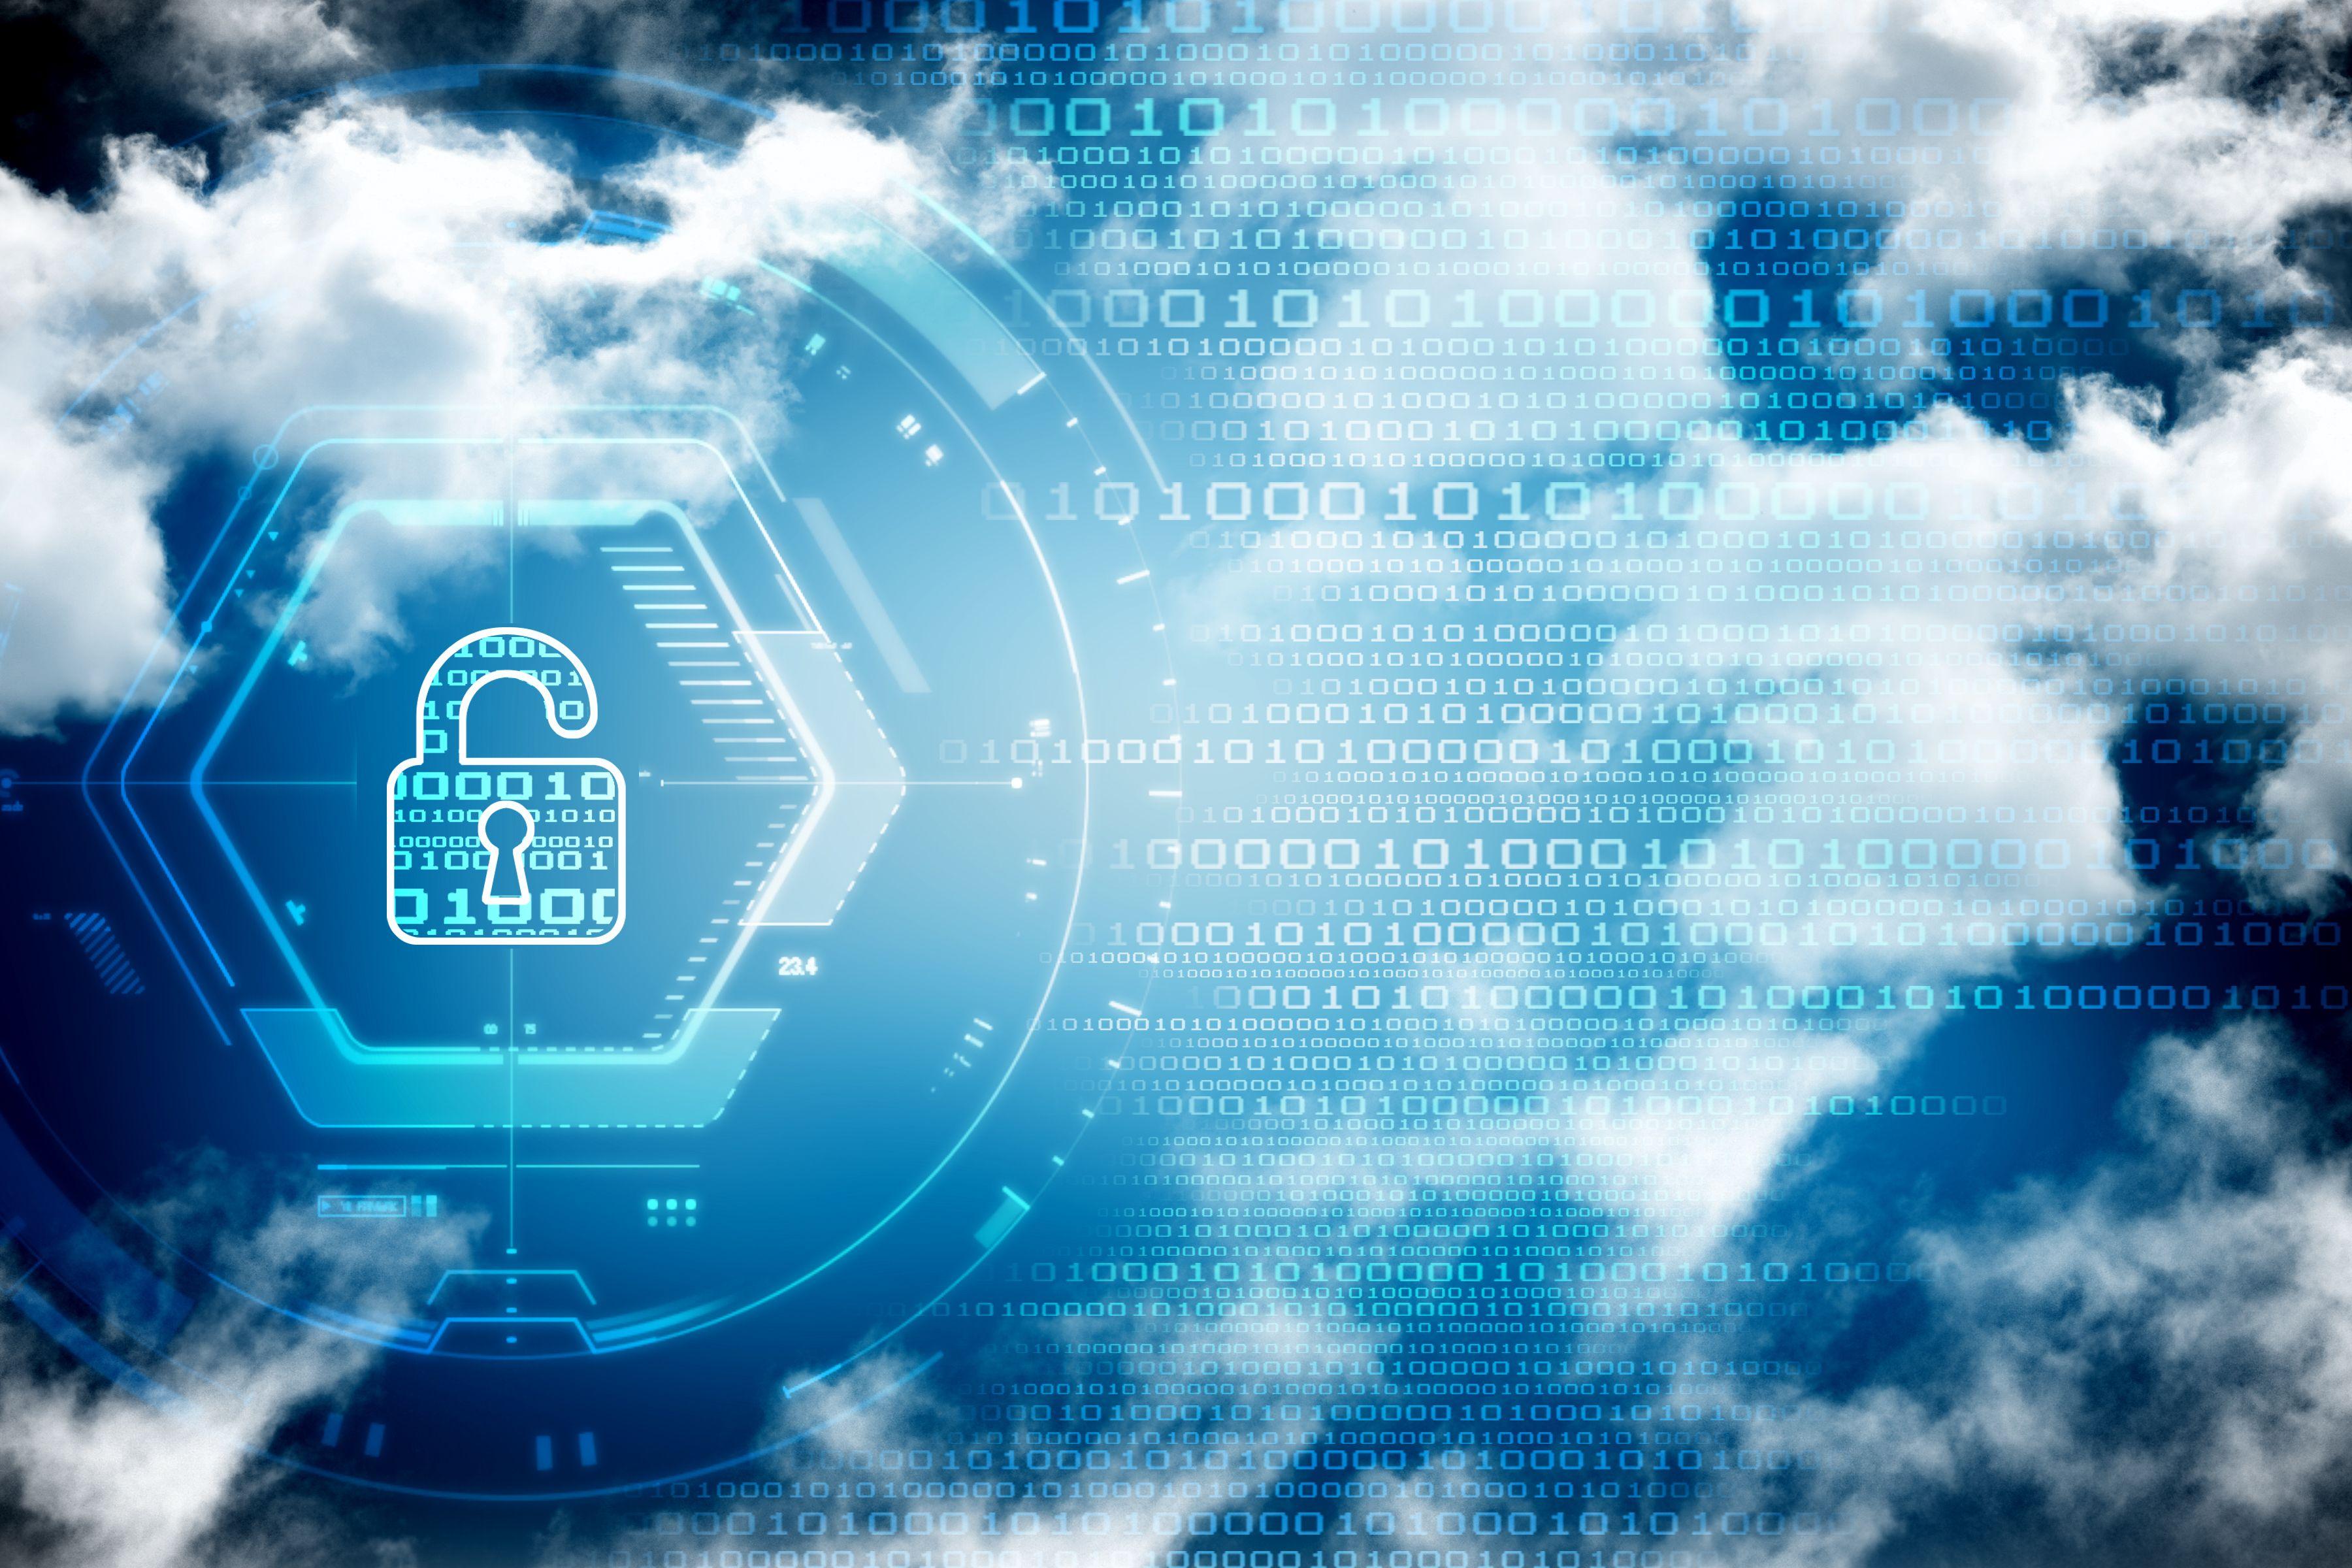 Movement towards Cloud Security